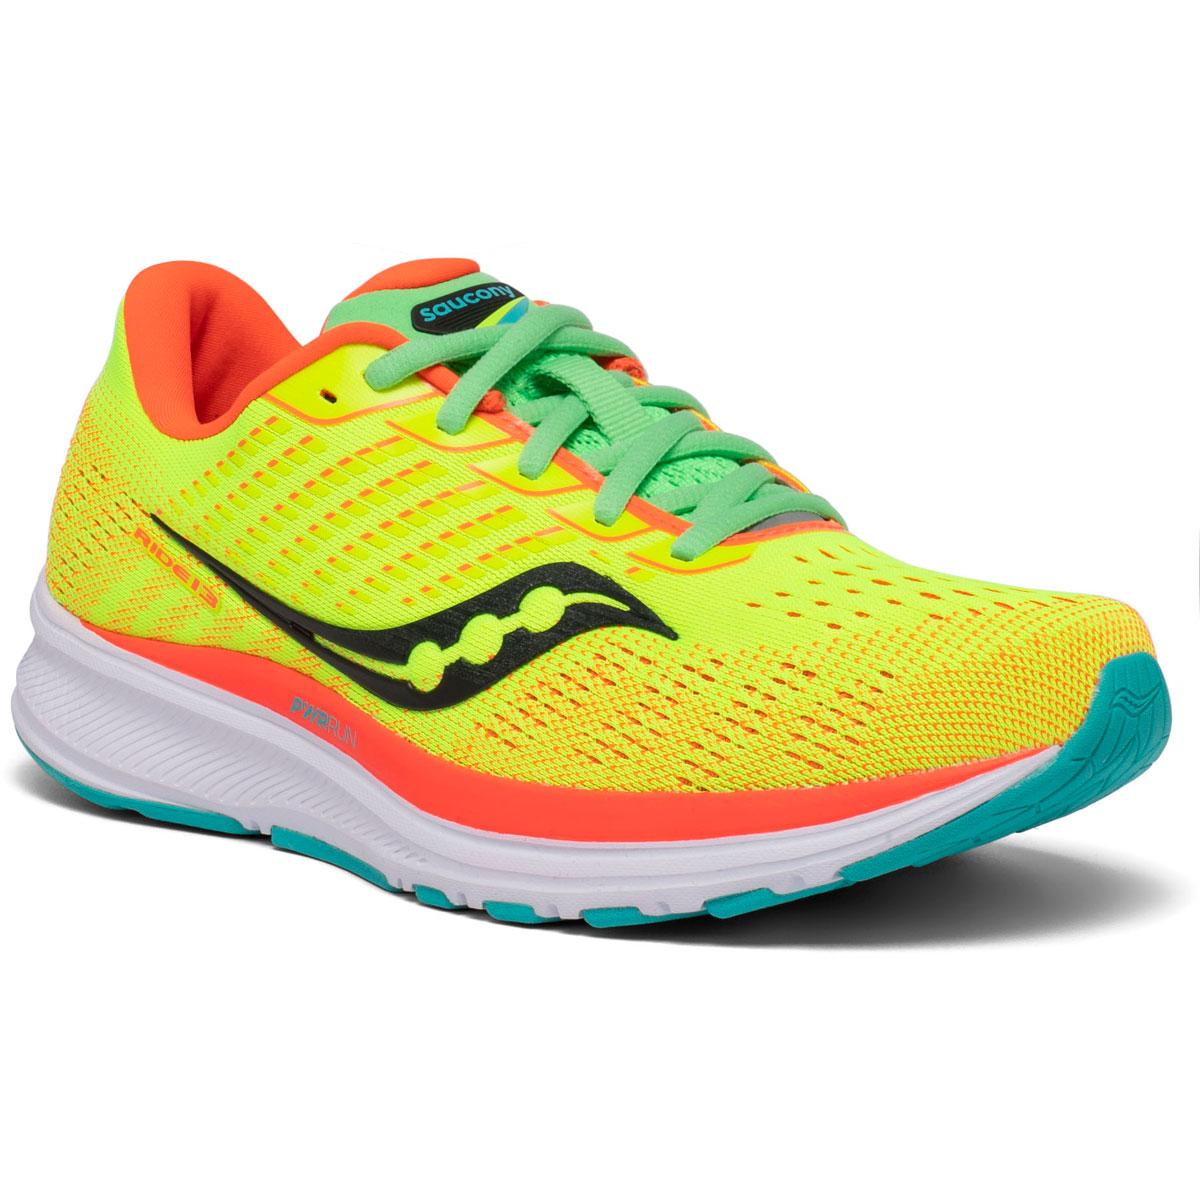 Women's Saucony Ride 13 Running Shoe - Color: Citron Mutant - Size: 5 - Width: Regular, Citron Mutant, large, image 5